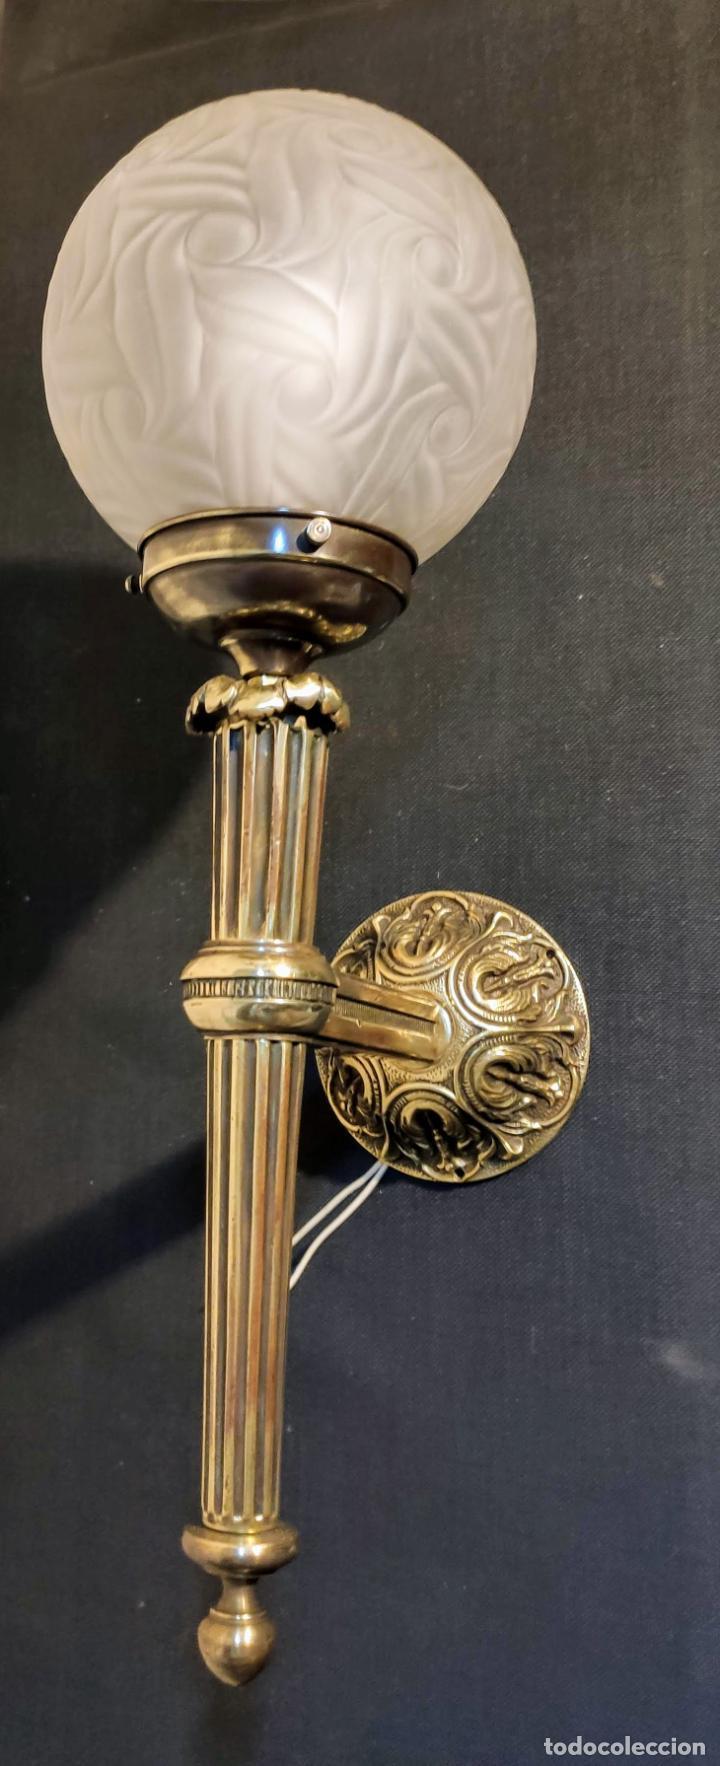 Antigüedades: EXCELENTE APLIQUE ESTILO IMPERIO, LUZ, ,LAMPARA, DE BRONCE - Foto 6 - 263234125